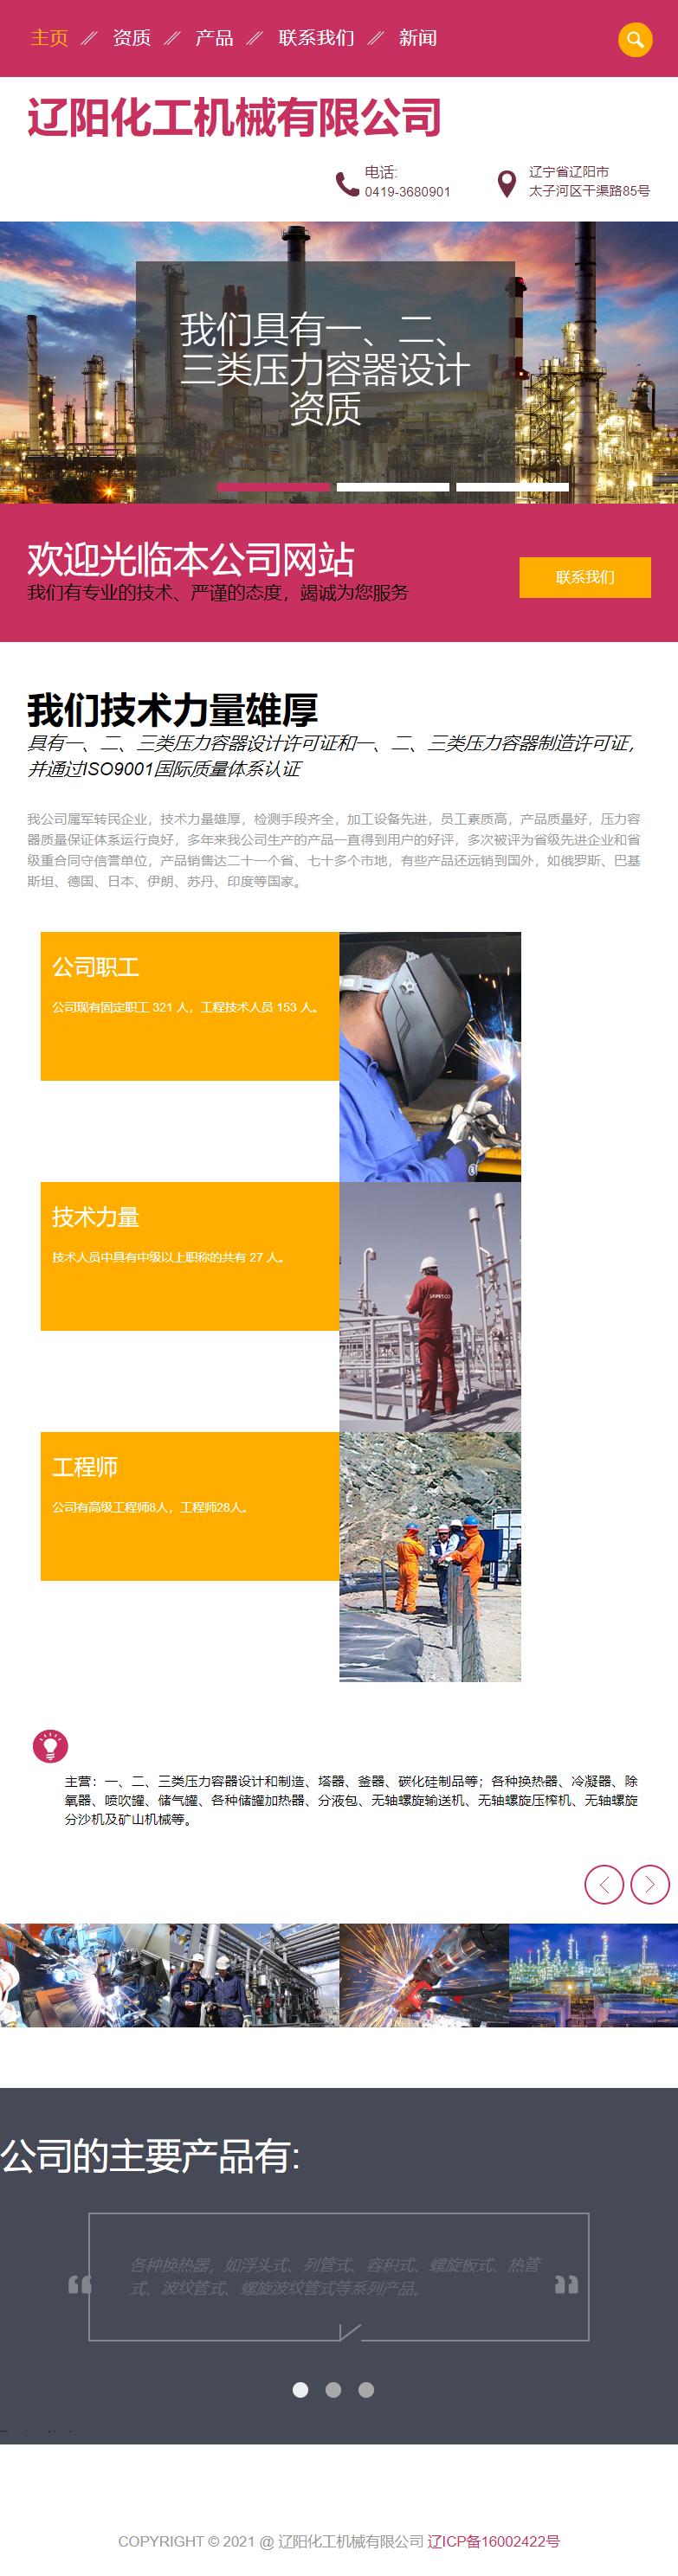 辽阳化工机械有限公司网站案例